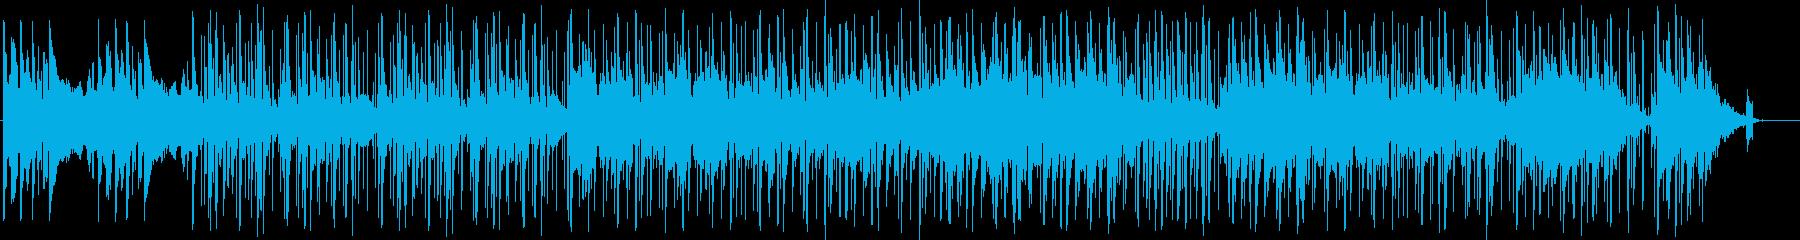 インド風BGMの再生済みの波形